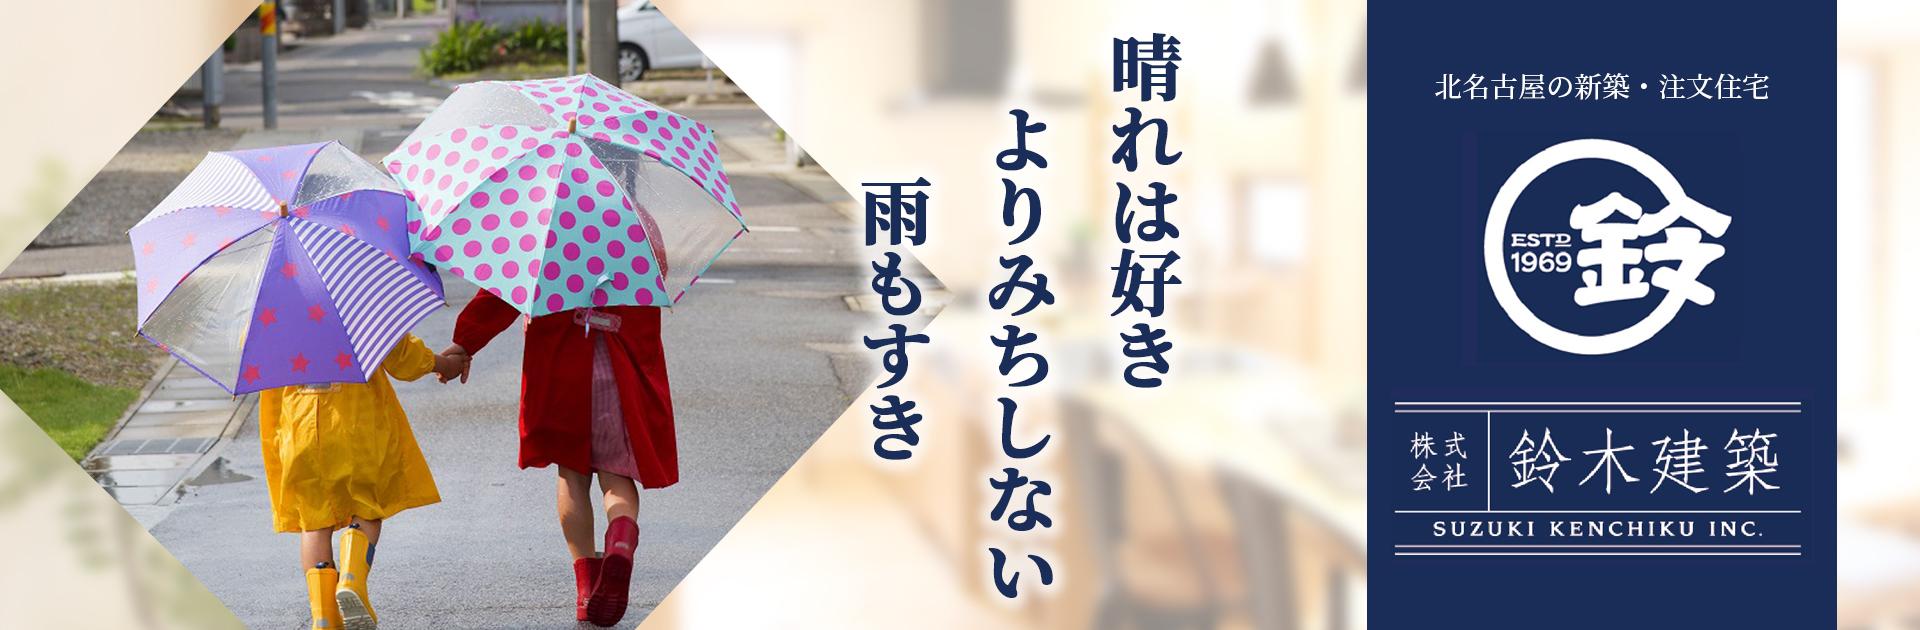 株式会社鈴木建築